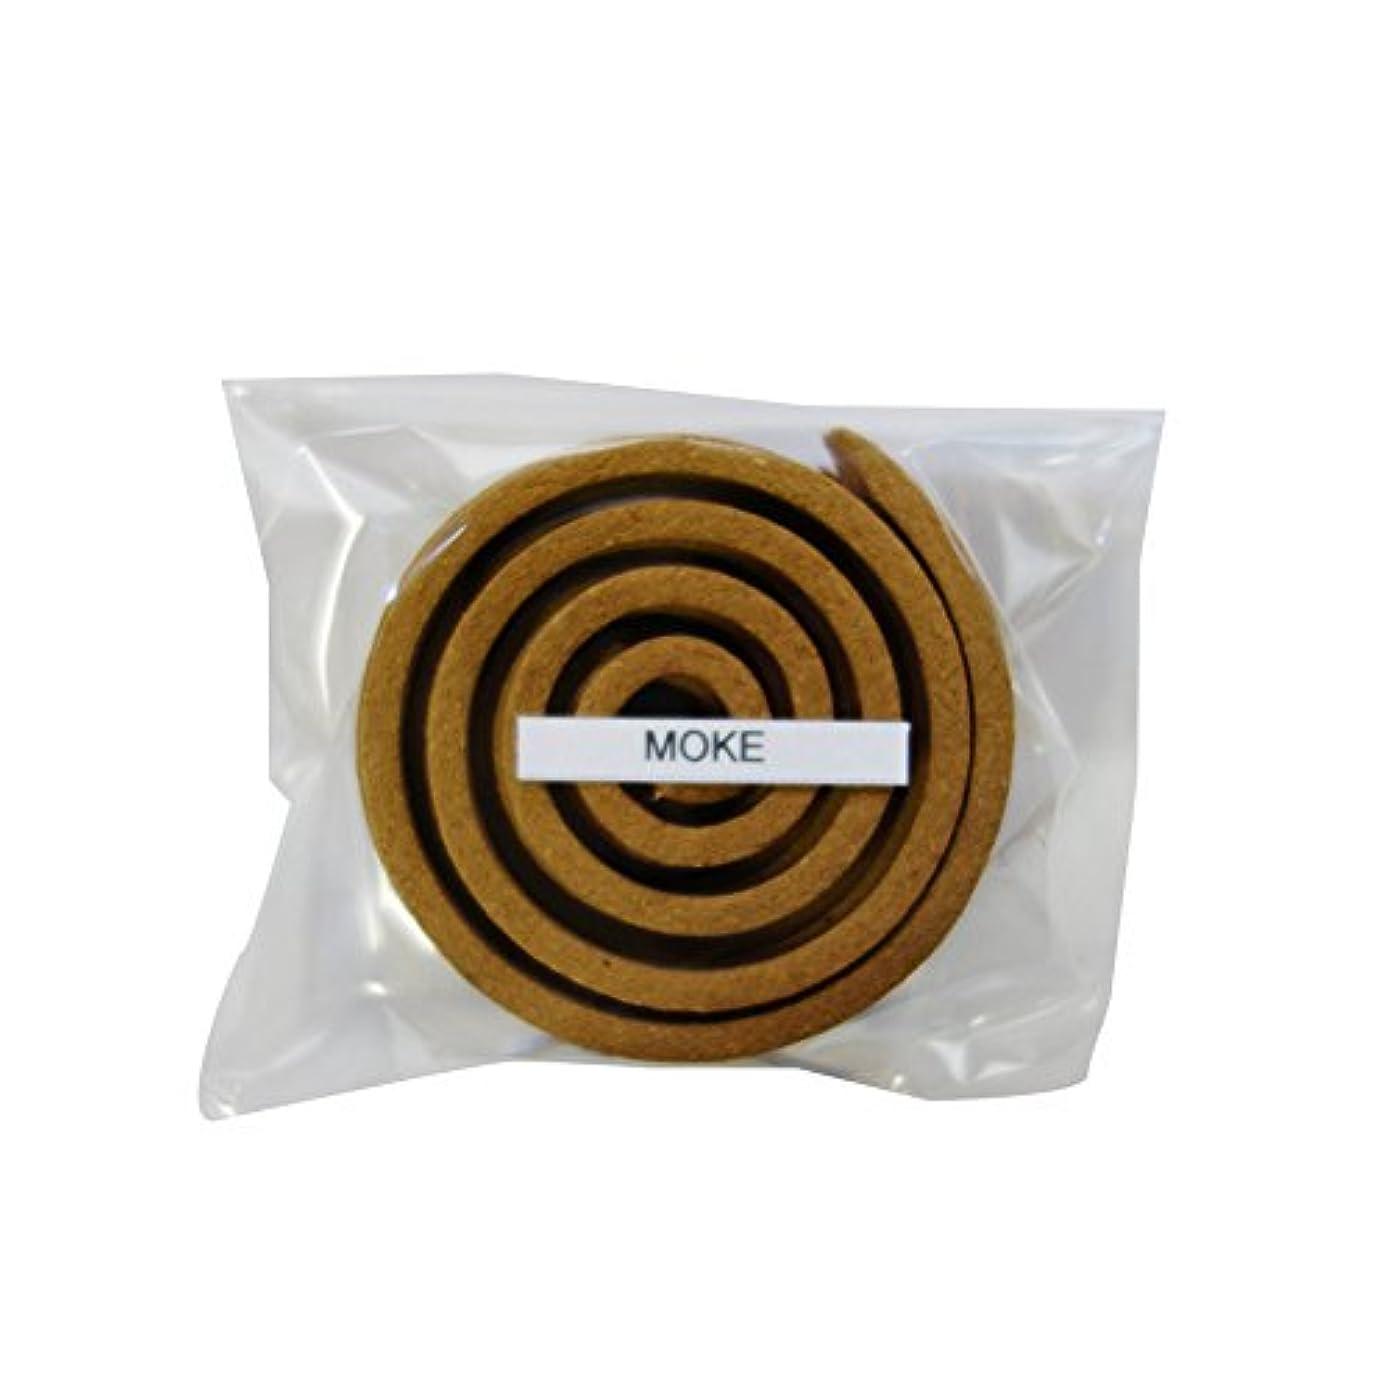 スティーブンソンメイドラッチお香/うずまき香 MOKE モーク 直径5cm×5巻セット [並行輸入品]